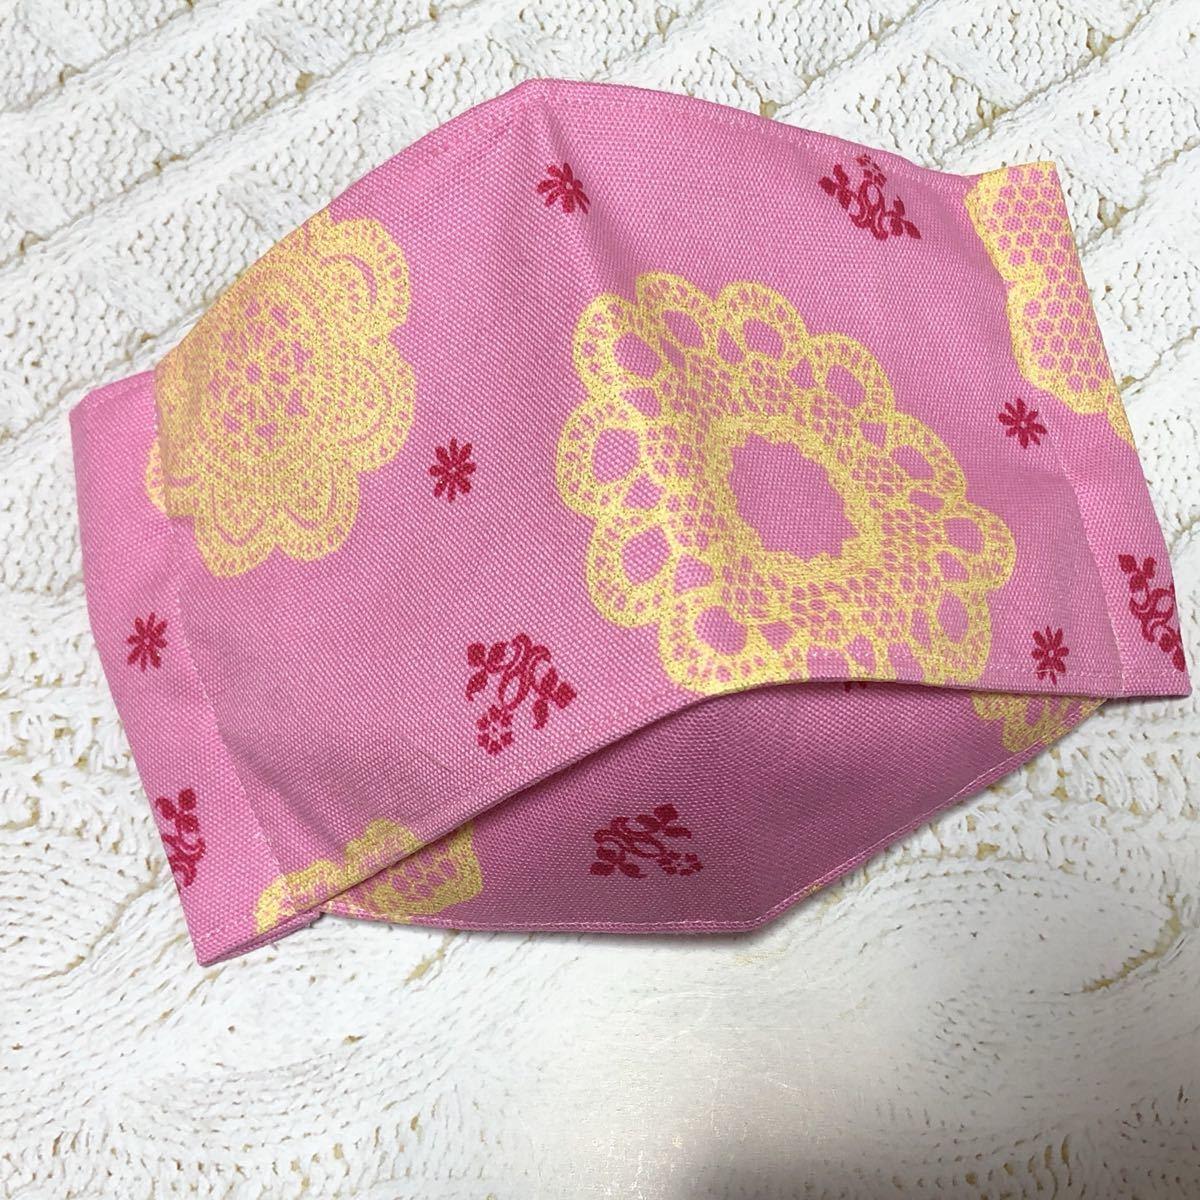 ハンドメイド 3D立体インナー 花柄ピンク